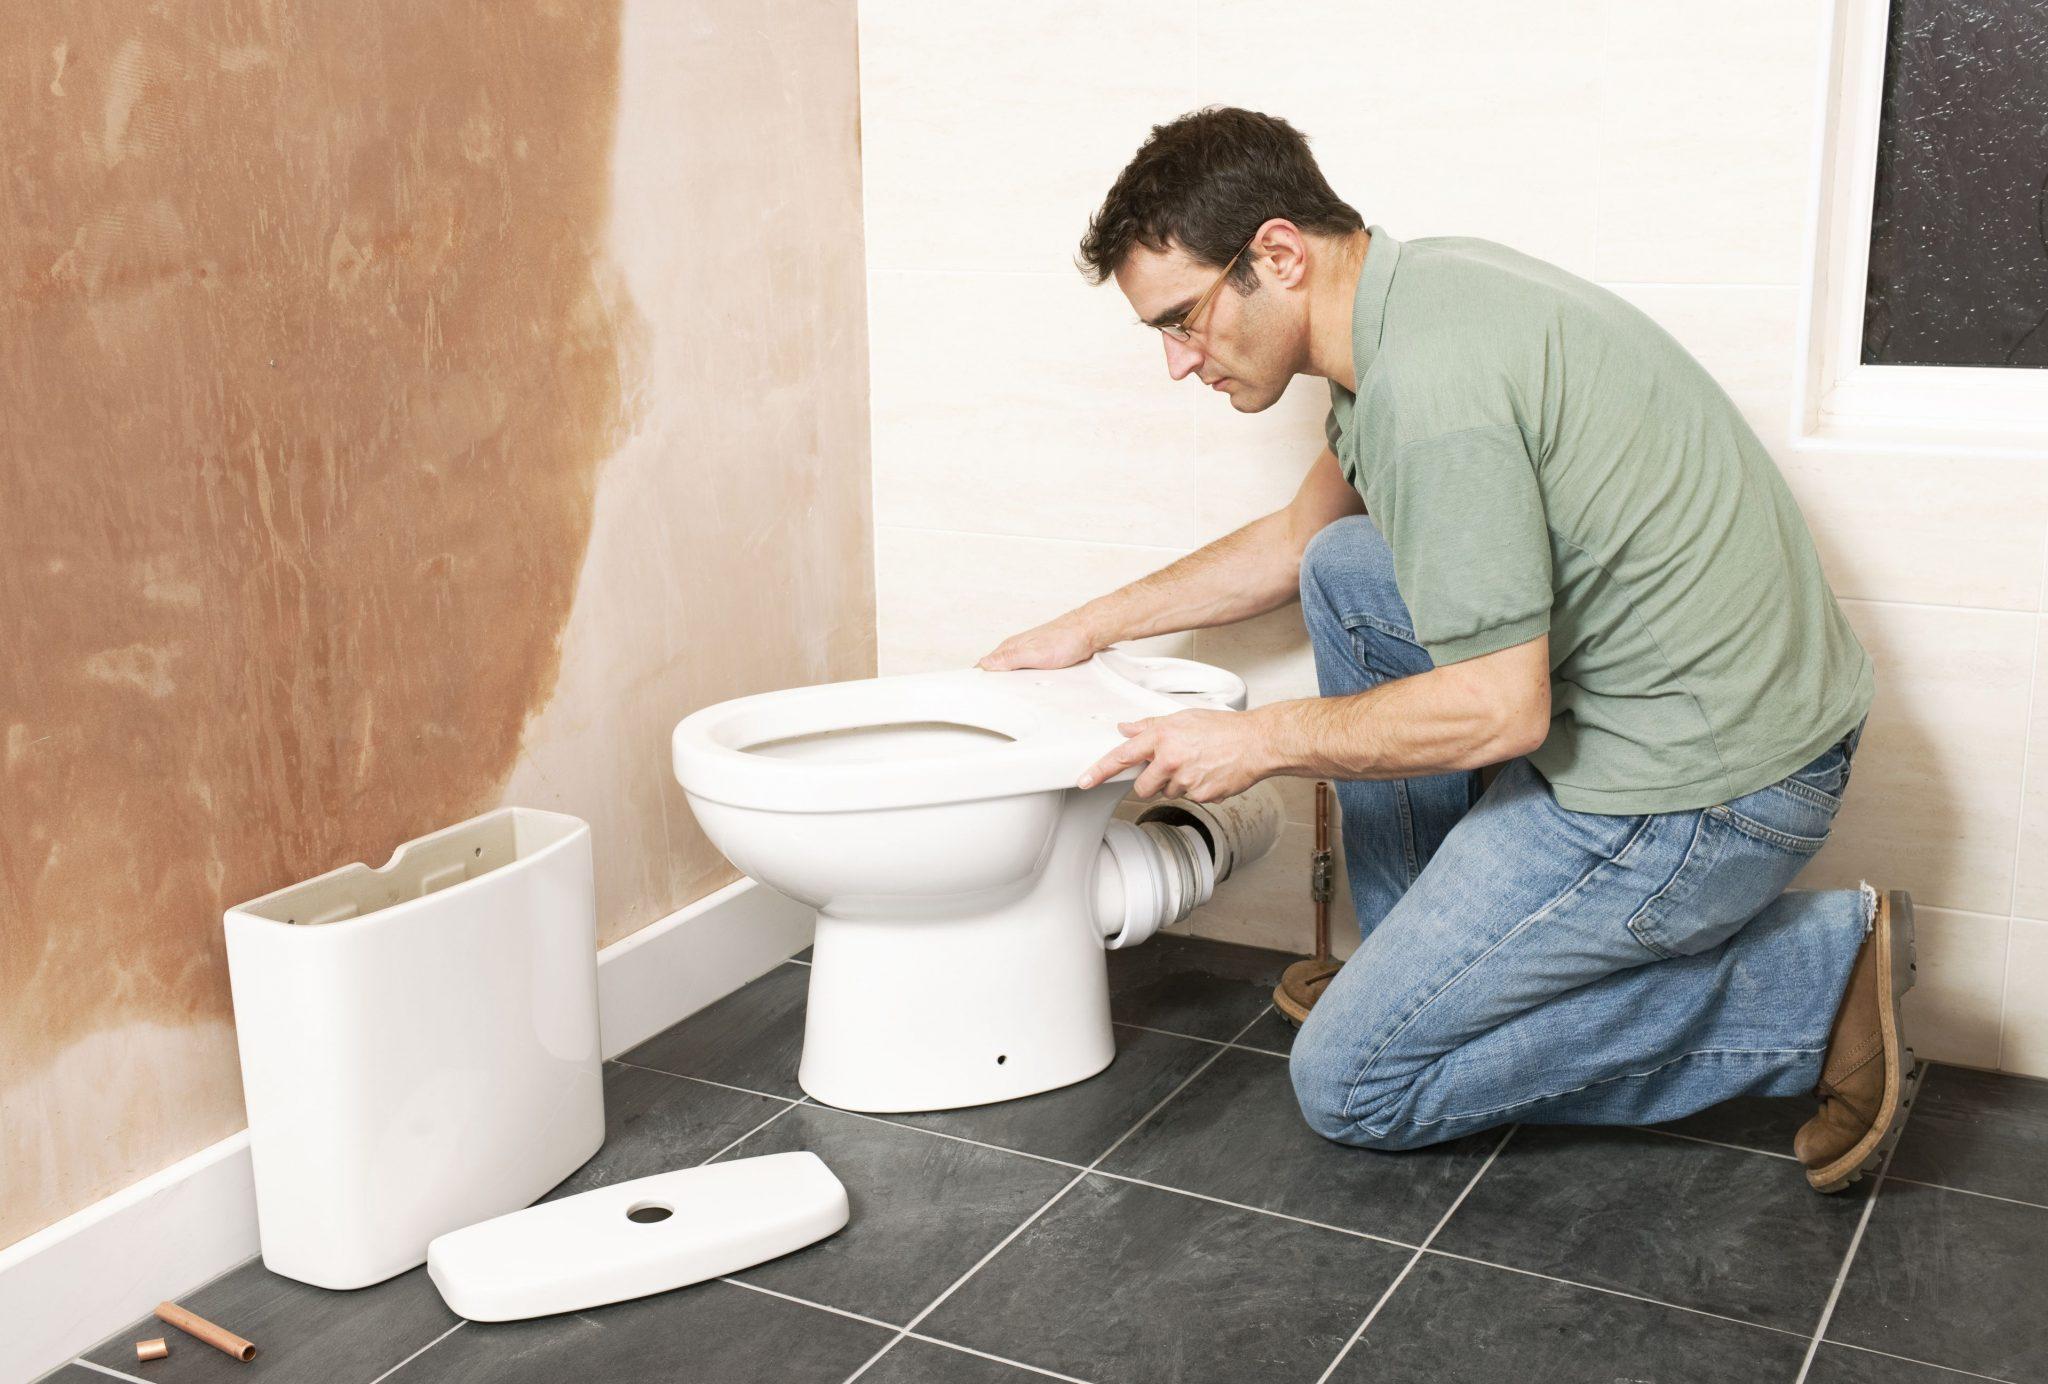 Как поменять гофру на унитазе: чем снять с прибора, замена своими руками, можно ли заменить самостоятельно, не снимая туалет